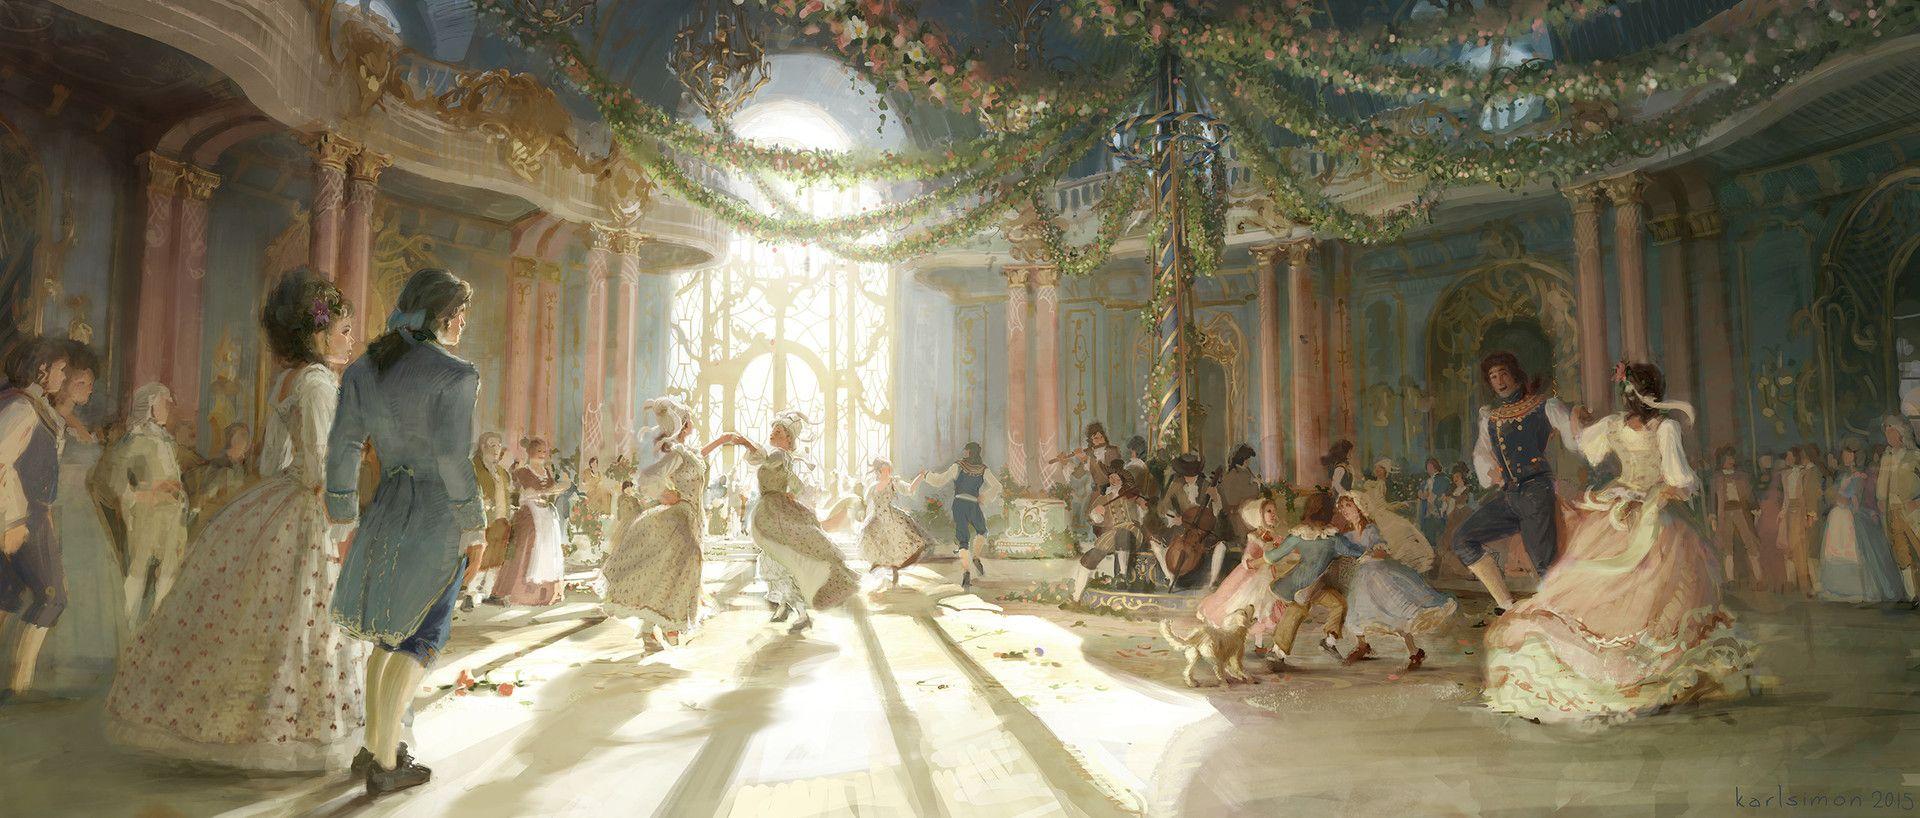 Summer Ballroom By Karlsimon Concept Art And Illustration Https